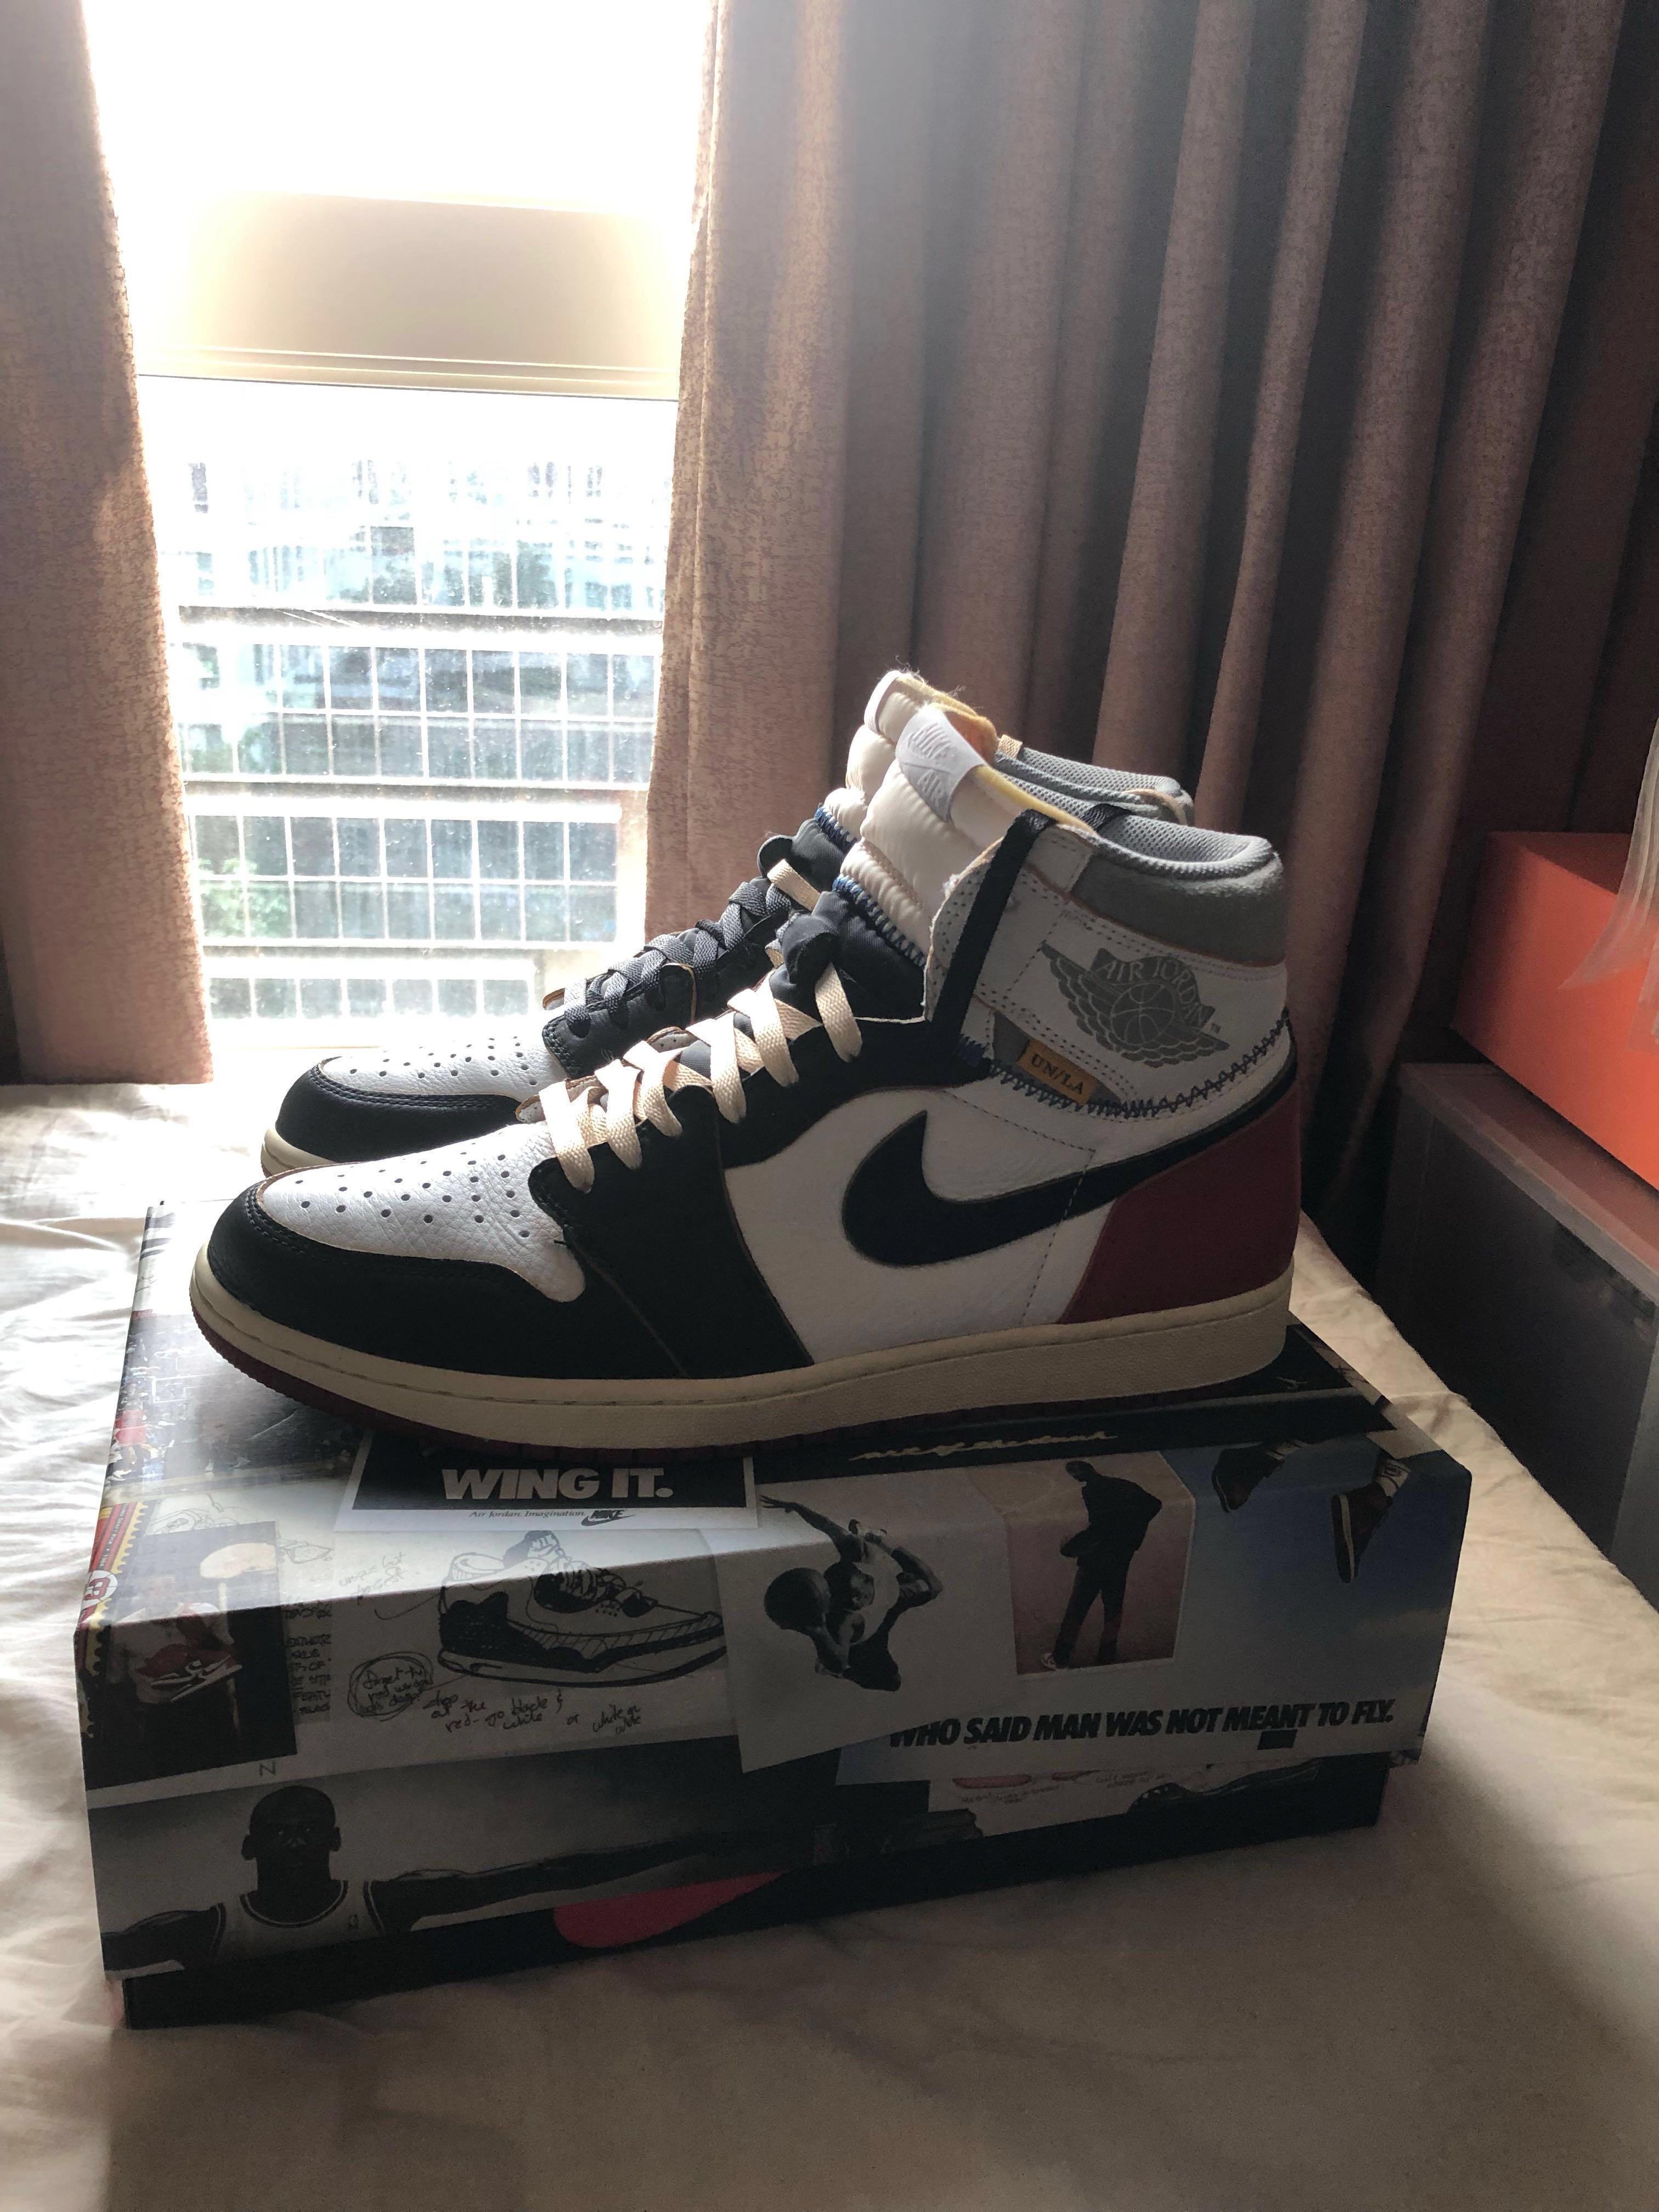 8320a5a7 Jordan 1 union black toe US 12, Men's Fashion, Footwear, Sneakers on ...